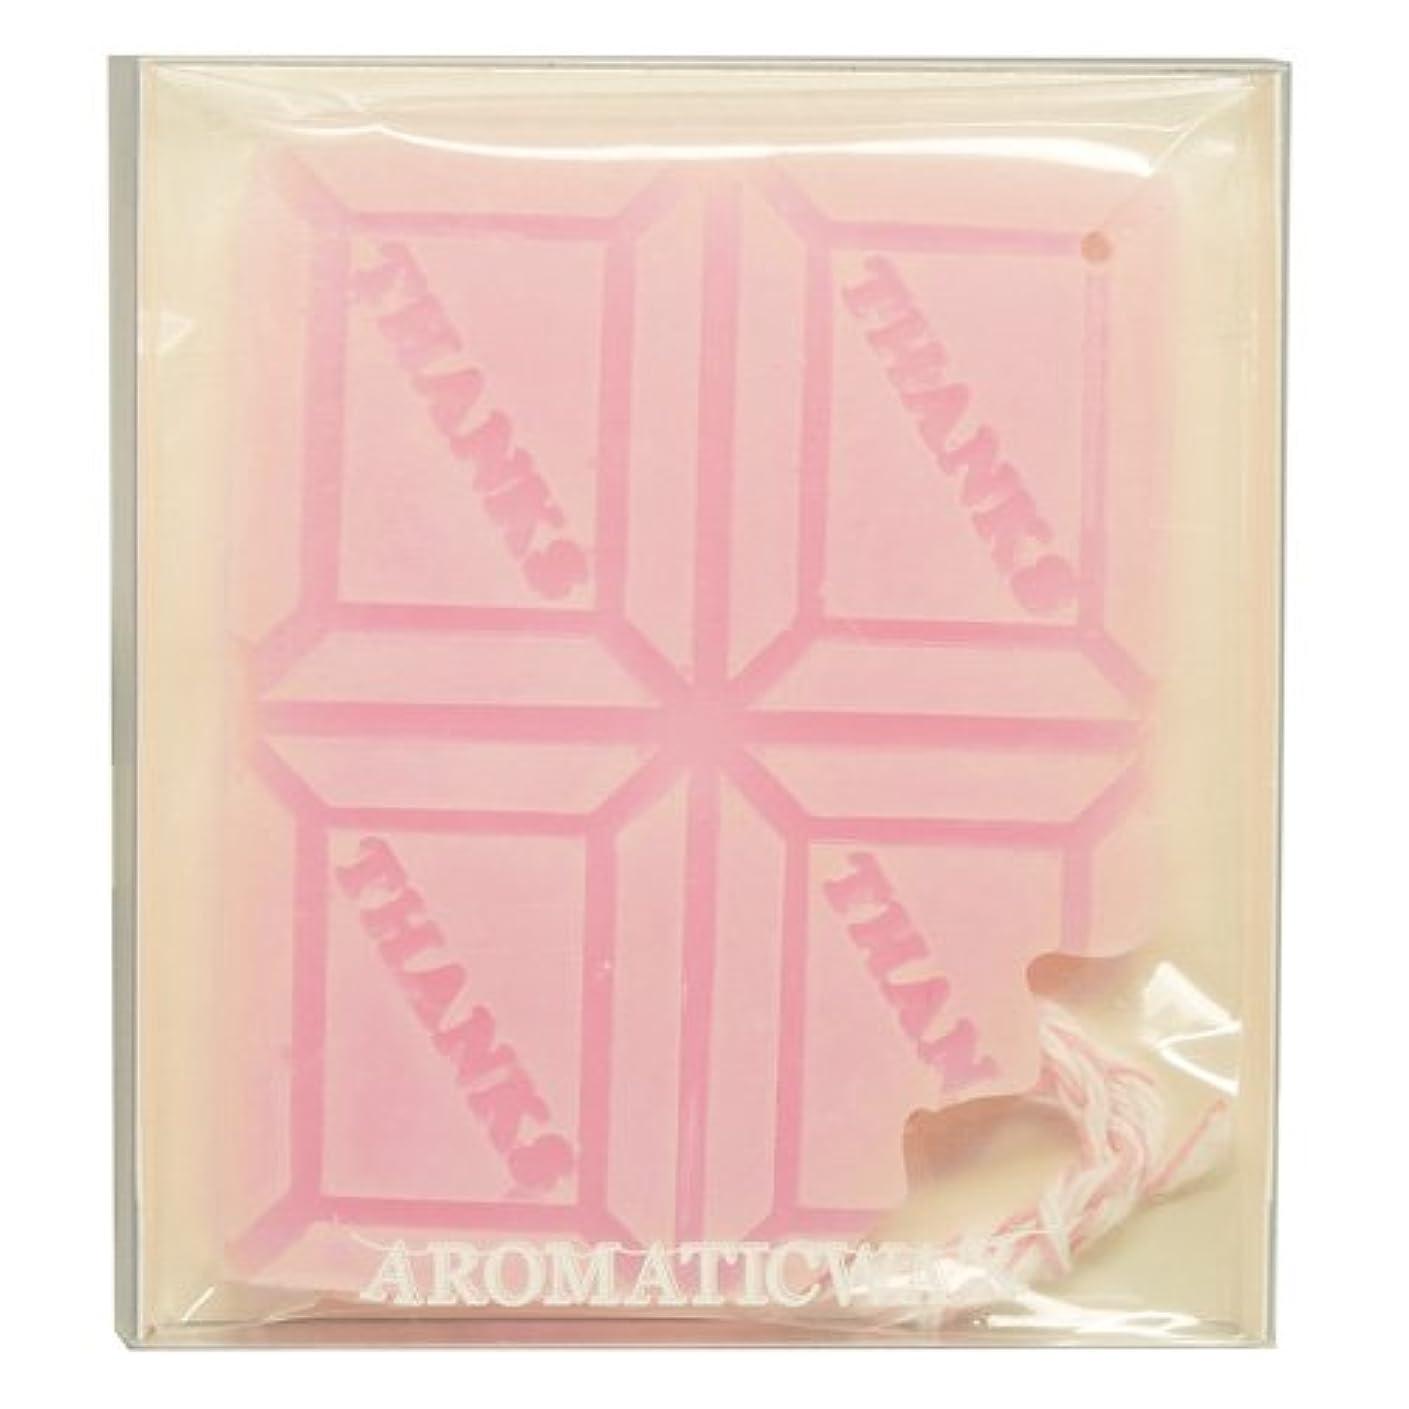 葉を集めるピンポイント恵みGRASSE TOKYO AROMATICWAXチャーム「板チョコ(THANKS)」(PI) ゼラニウム アロマティックワックス グラーストウキョウ